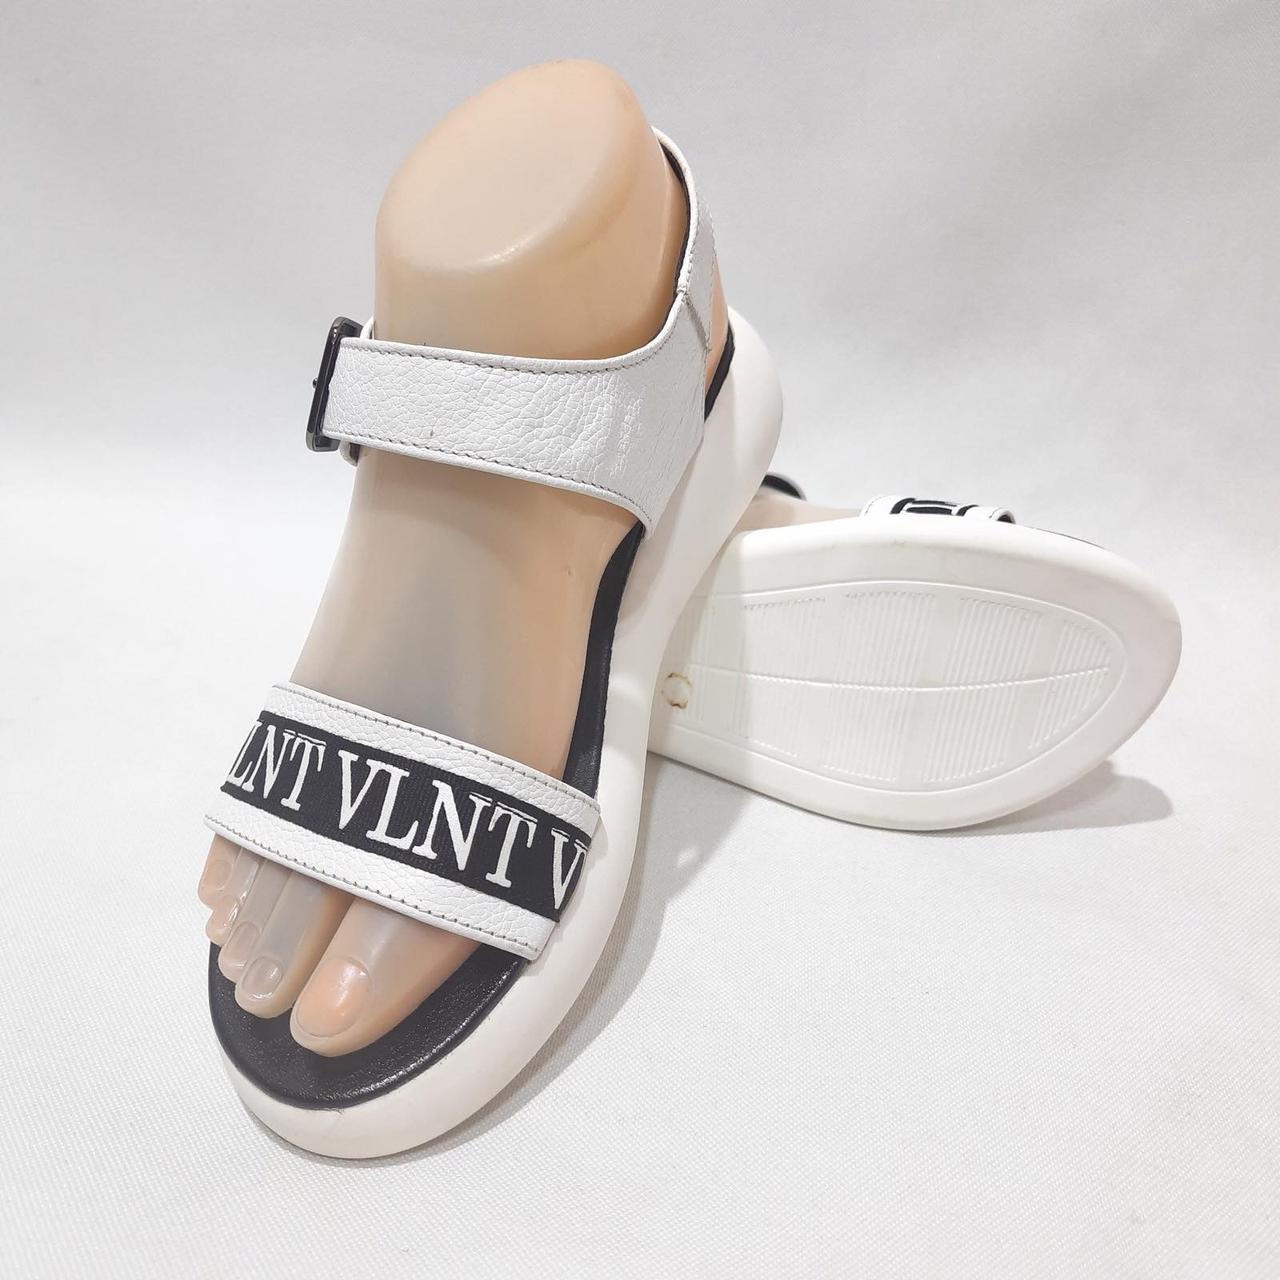 40 р Жіночі босоніжки, сандалі спортивні літні шкіряні Остання параБелые